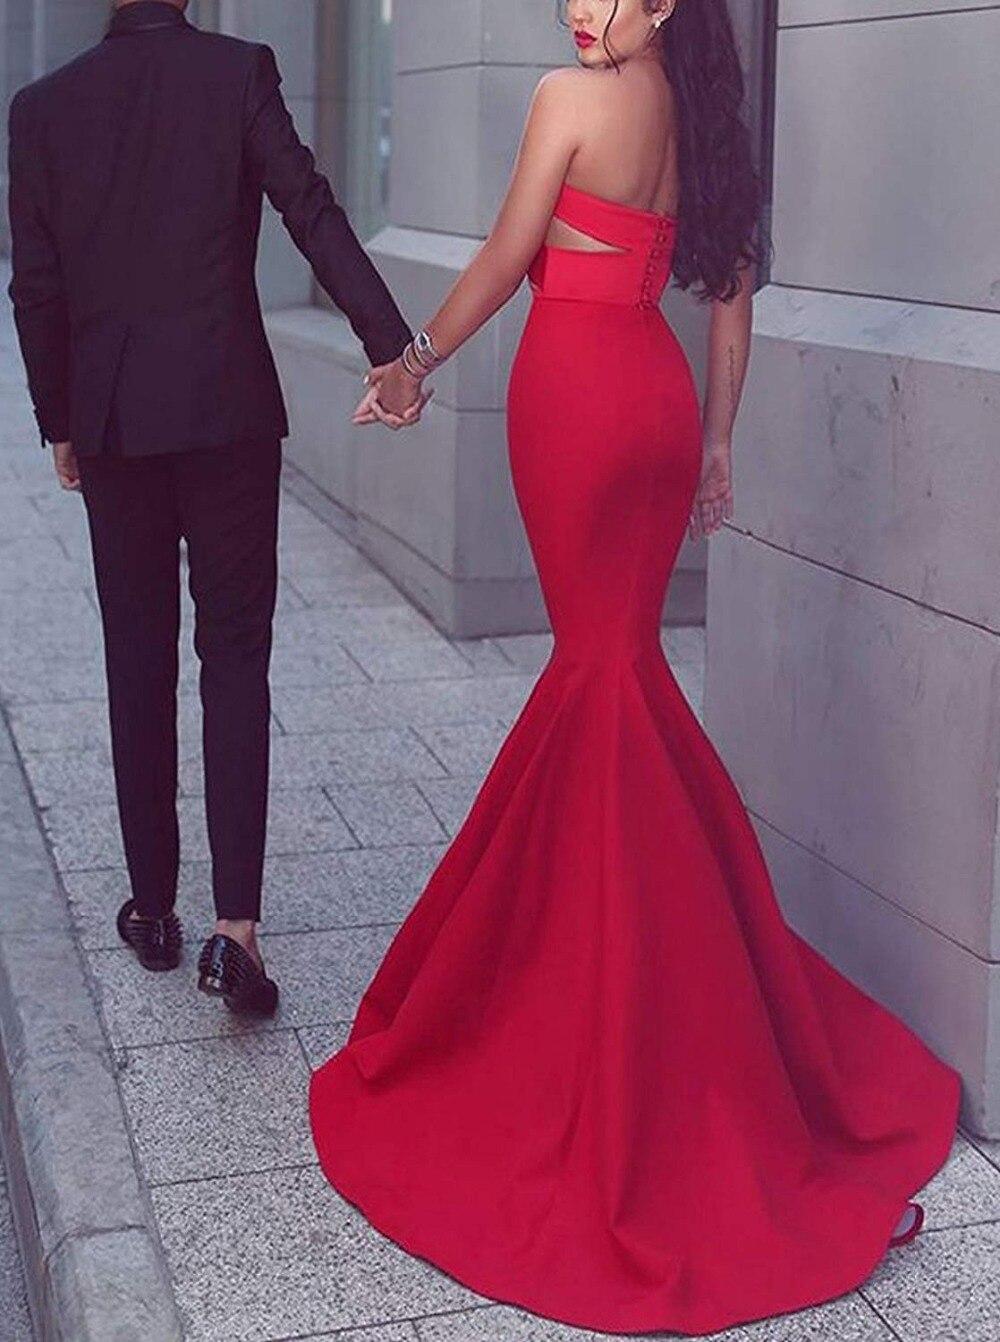 Женское вечернее платье с пуговицами JaneVini, красное платье подружки невесты в арабском стиле, 2018 - 3